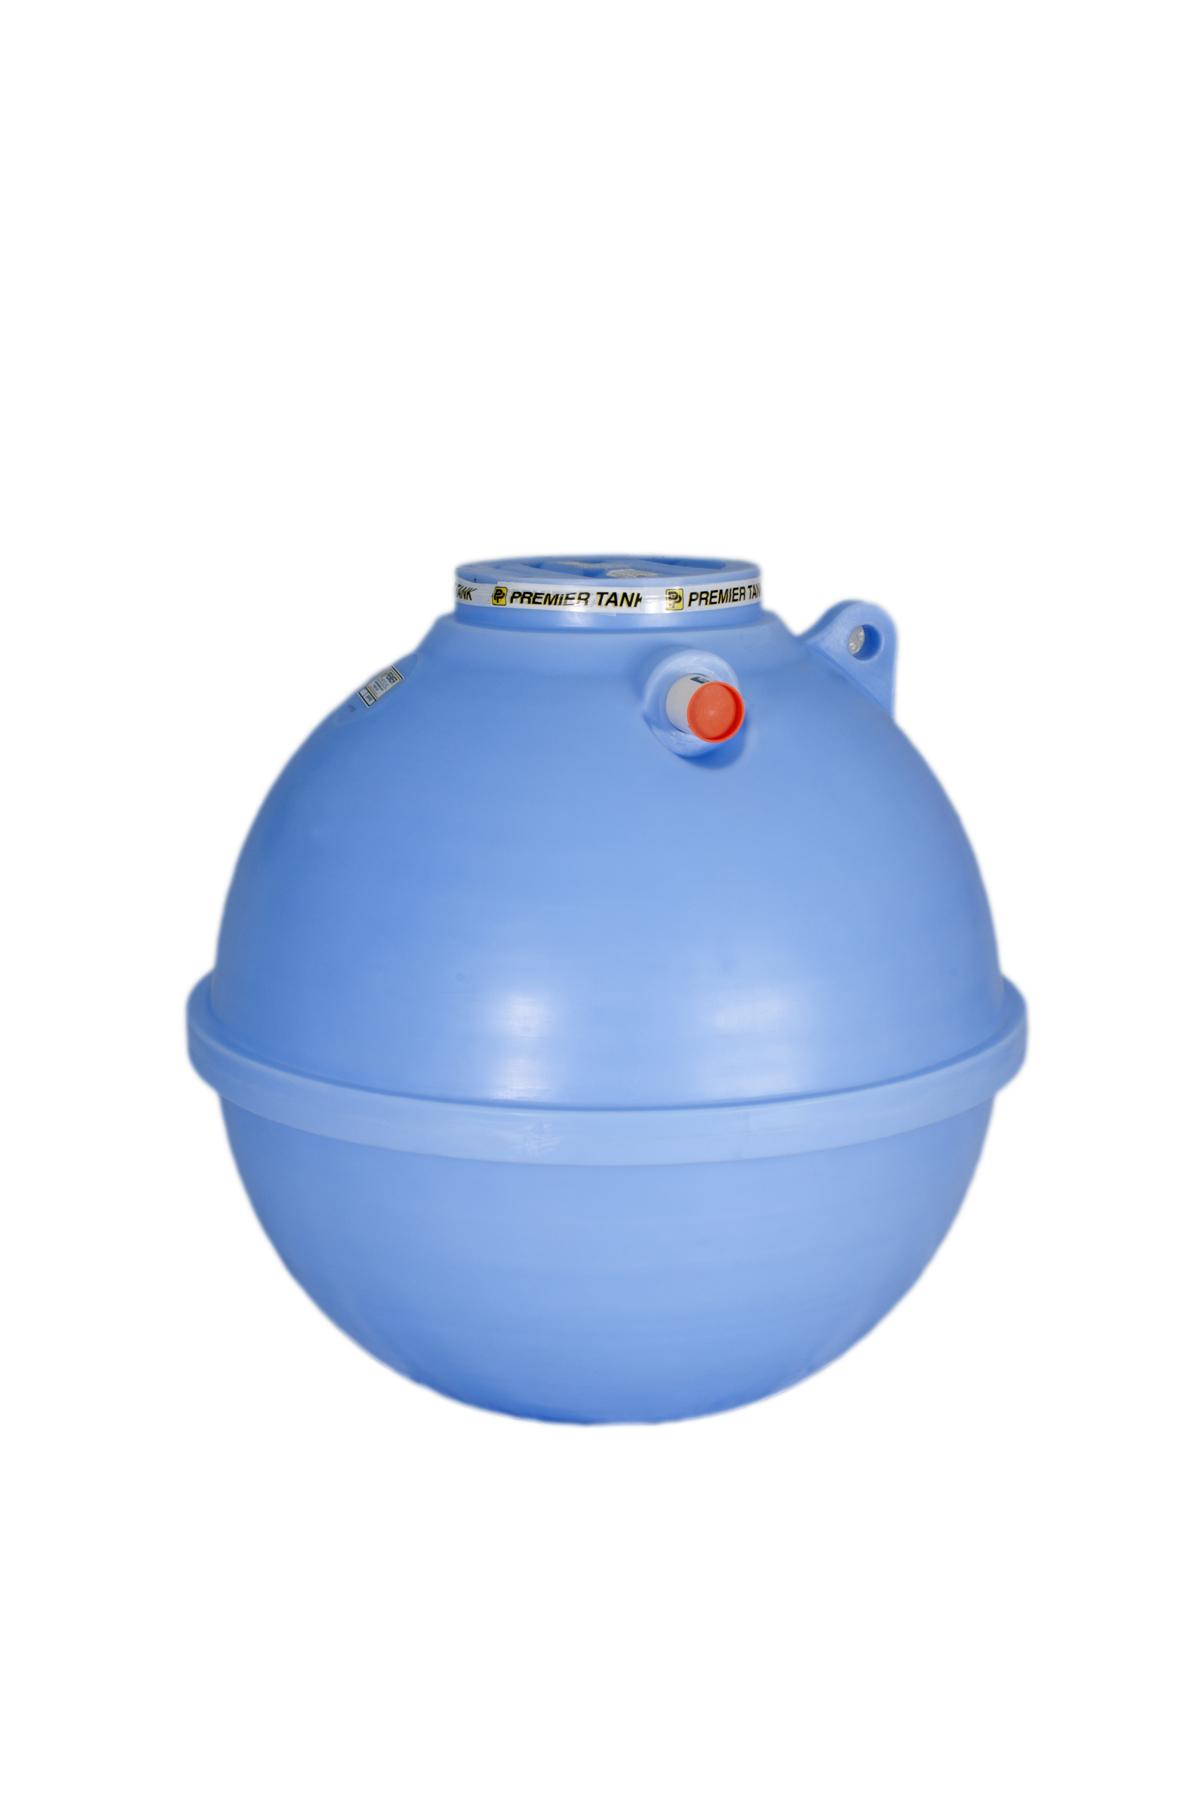 Premier Plastics Inc | 1-800-661-4473 - Pumpout Tanks